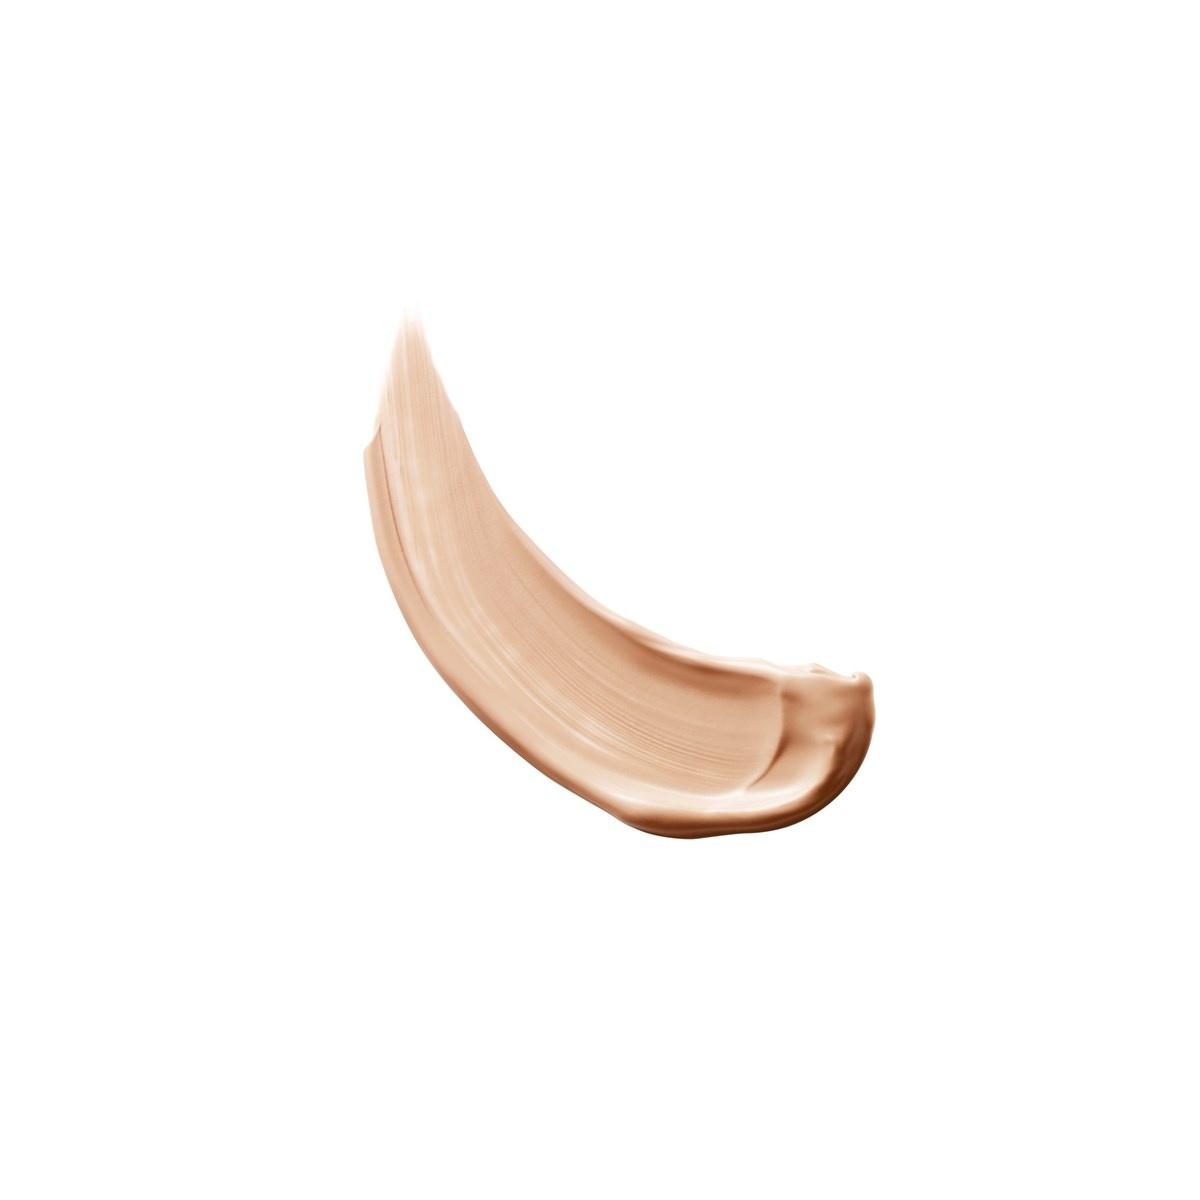 Lancôme Skin Feels Good Foundation, fresh almond